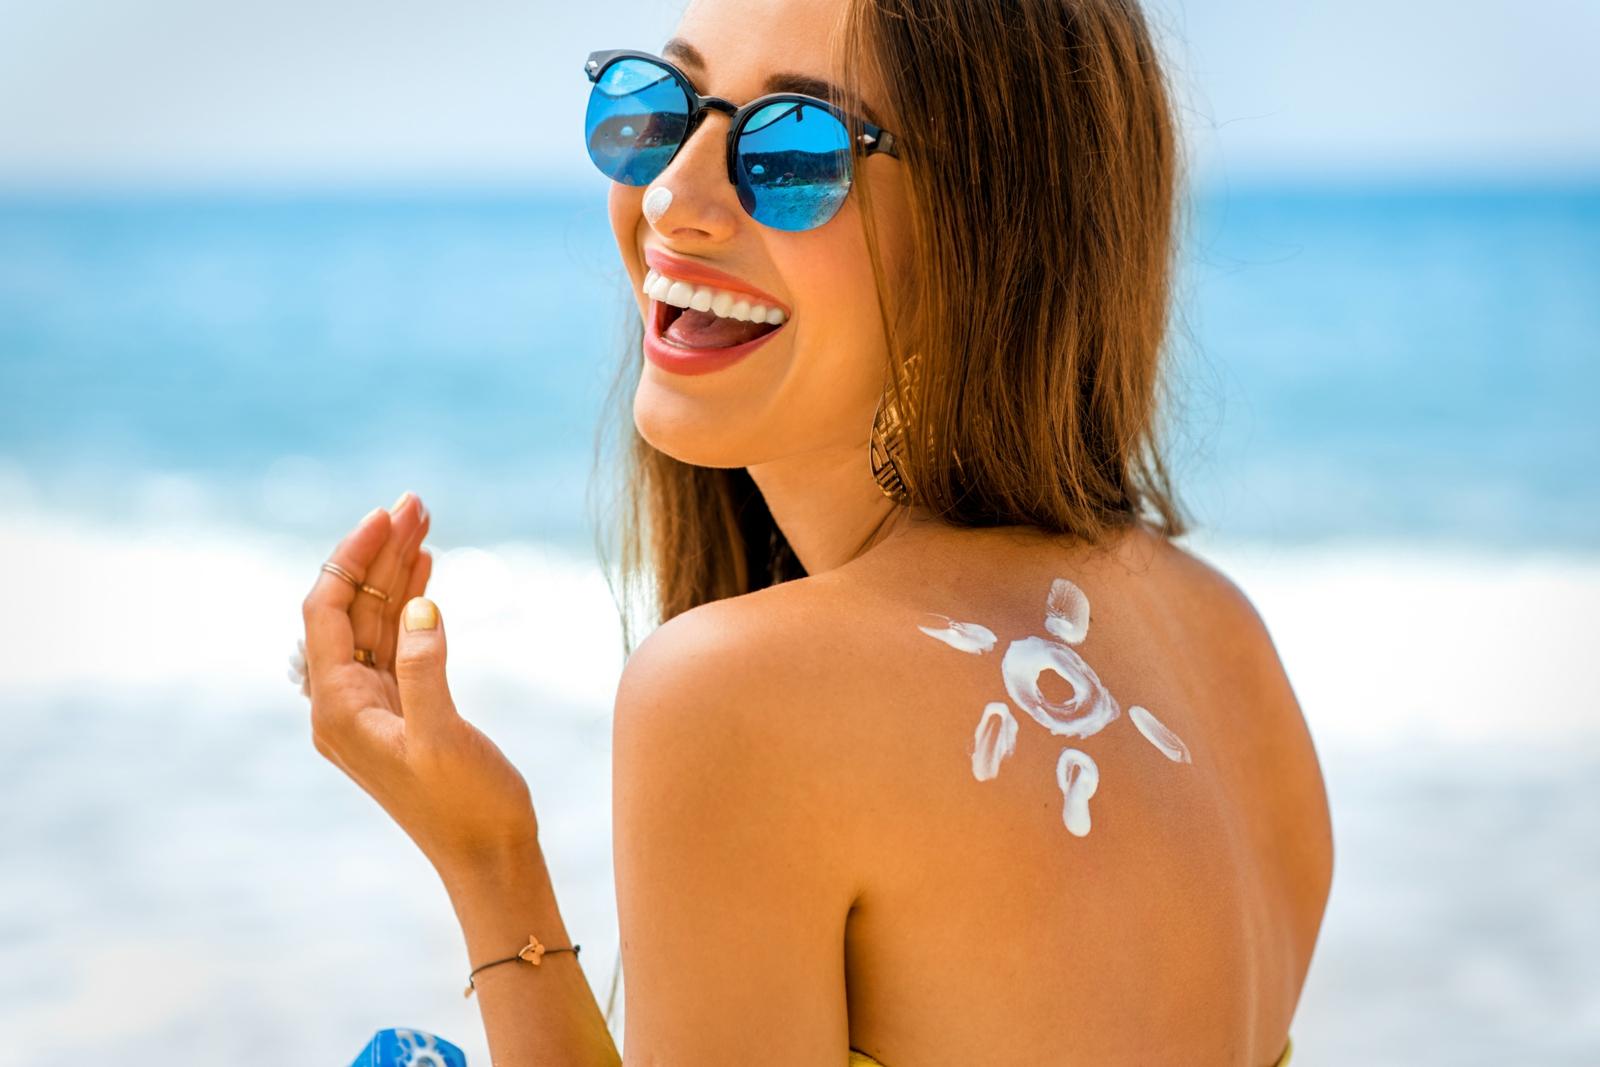 Sonnenschutzmittel verwenden Starnd